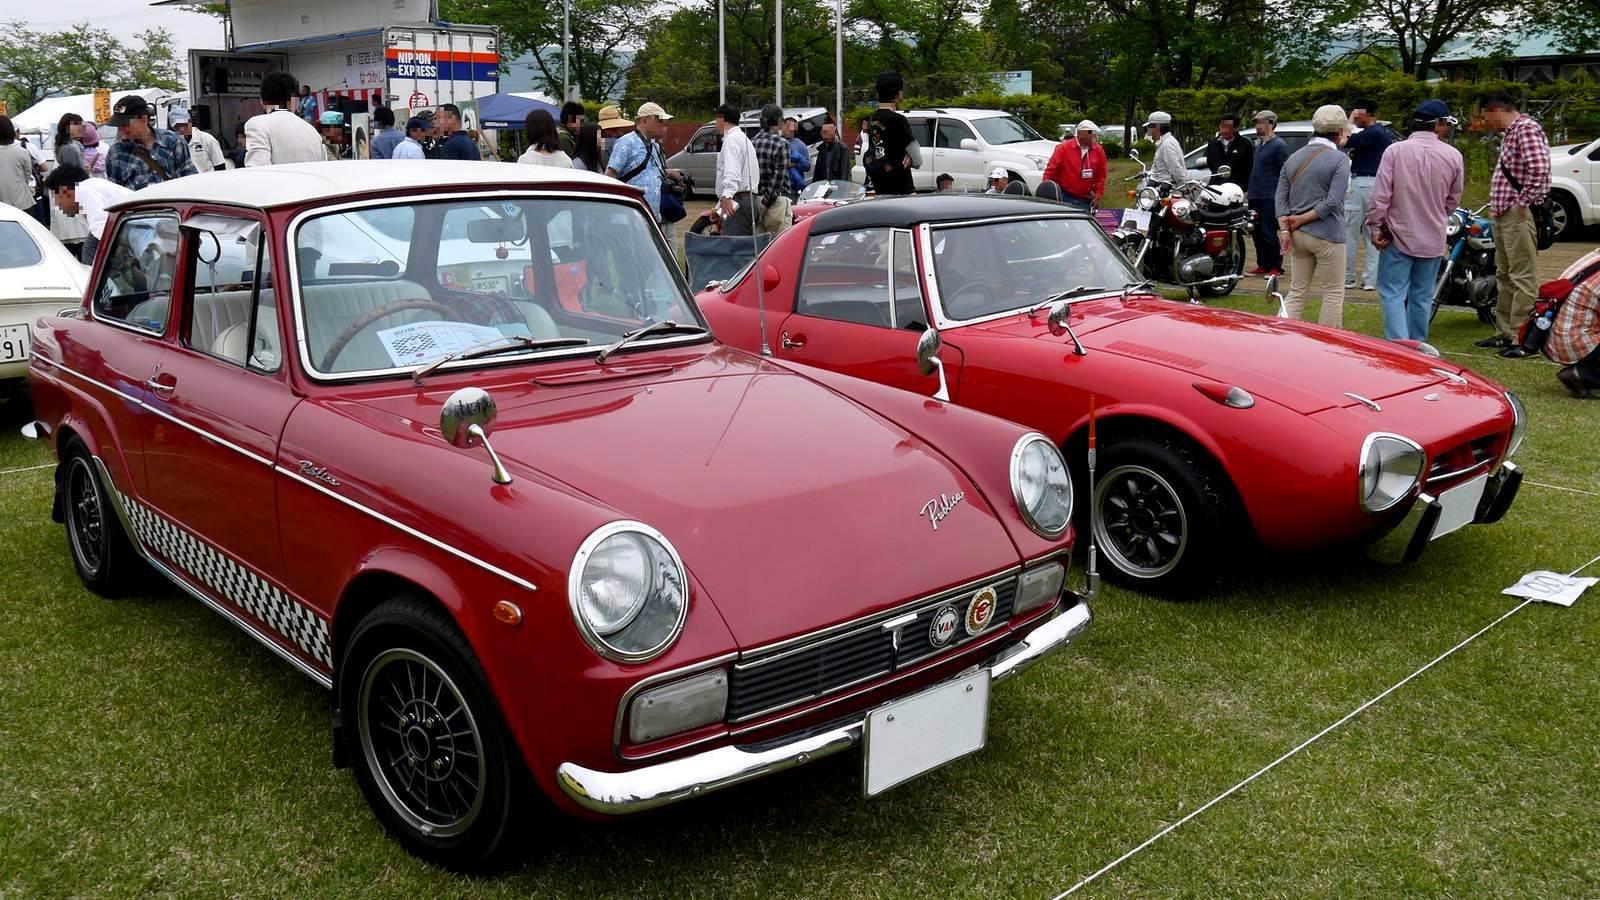 Toyota Publica & Sports 800, mało znane klasyki, stara motoryzacja, dawne sportowe samochody